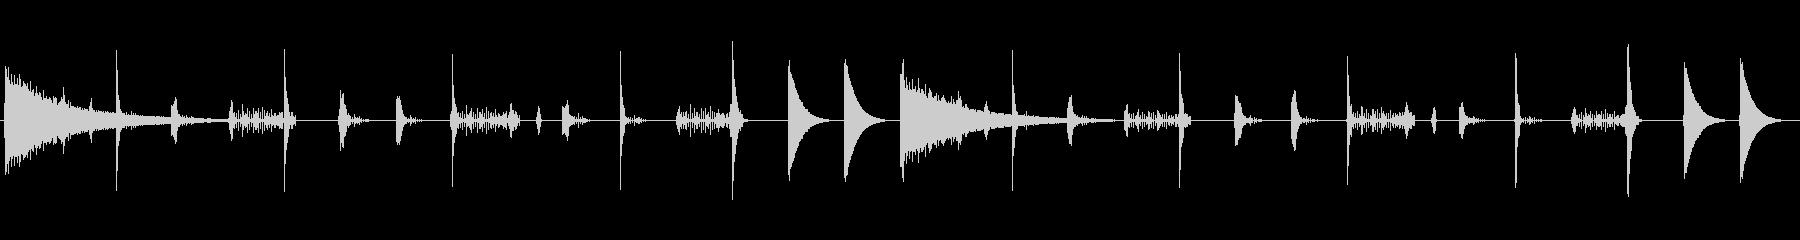 レトロなリズムボックスサウンドのループ…の未再生の波形